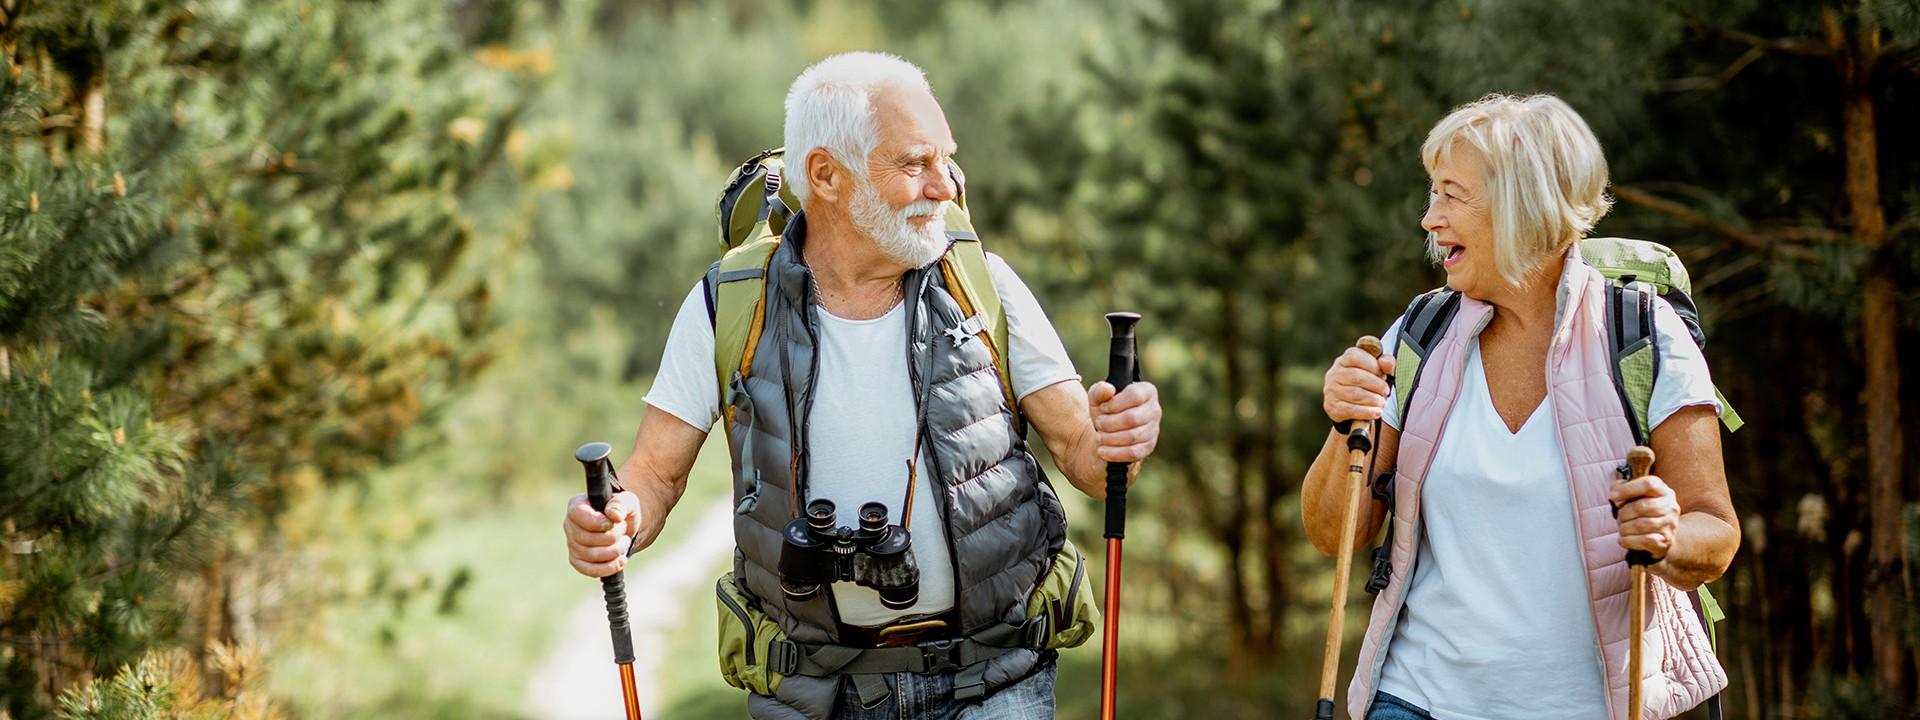 Senioren wandern fröhlich durch den Wald.